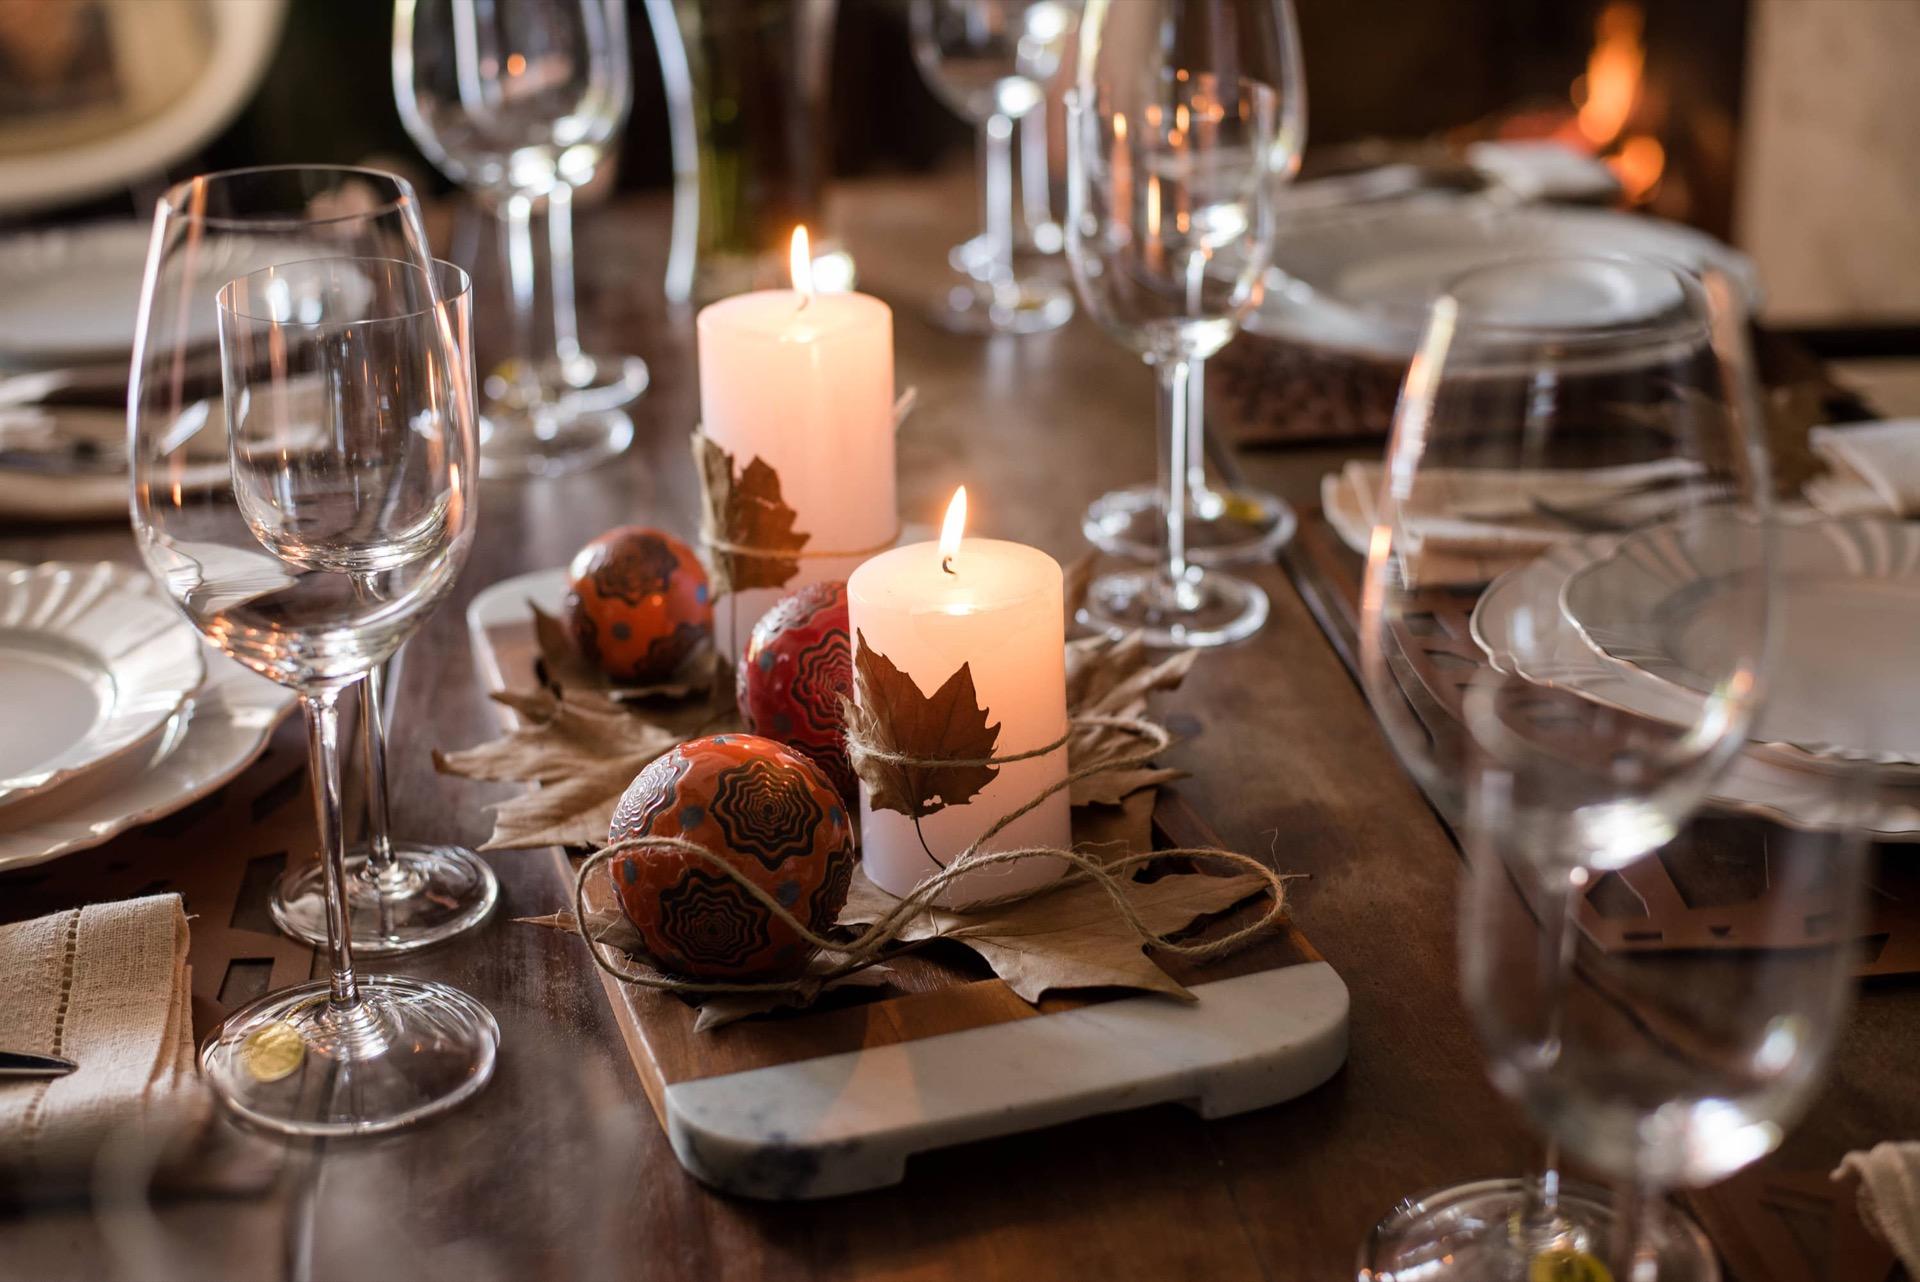 Imagem: No centro da mesa, uma tábua de madeira e mármore, da Oxford (à venda em lojas físicas de todo Brasil), acomoda o arranjo com bolas decoradas, velas e folhas secas.Foto: Karla Rudnick